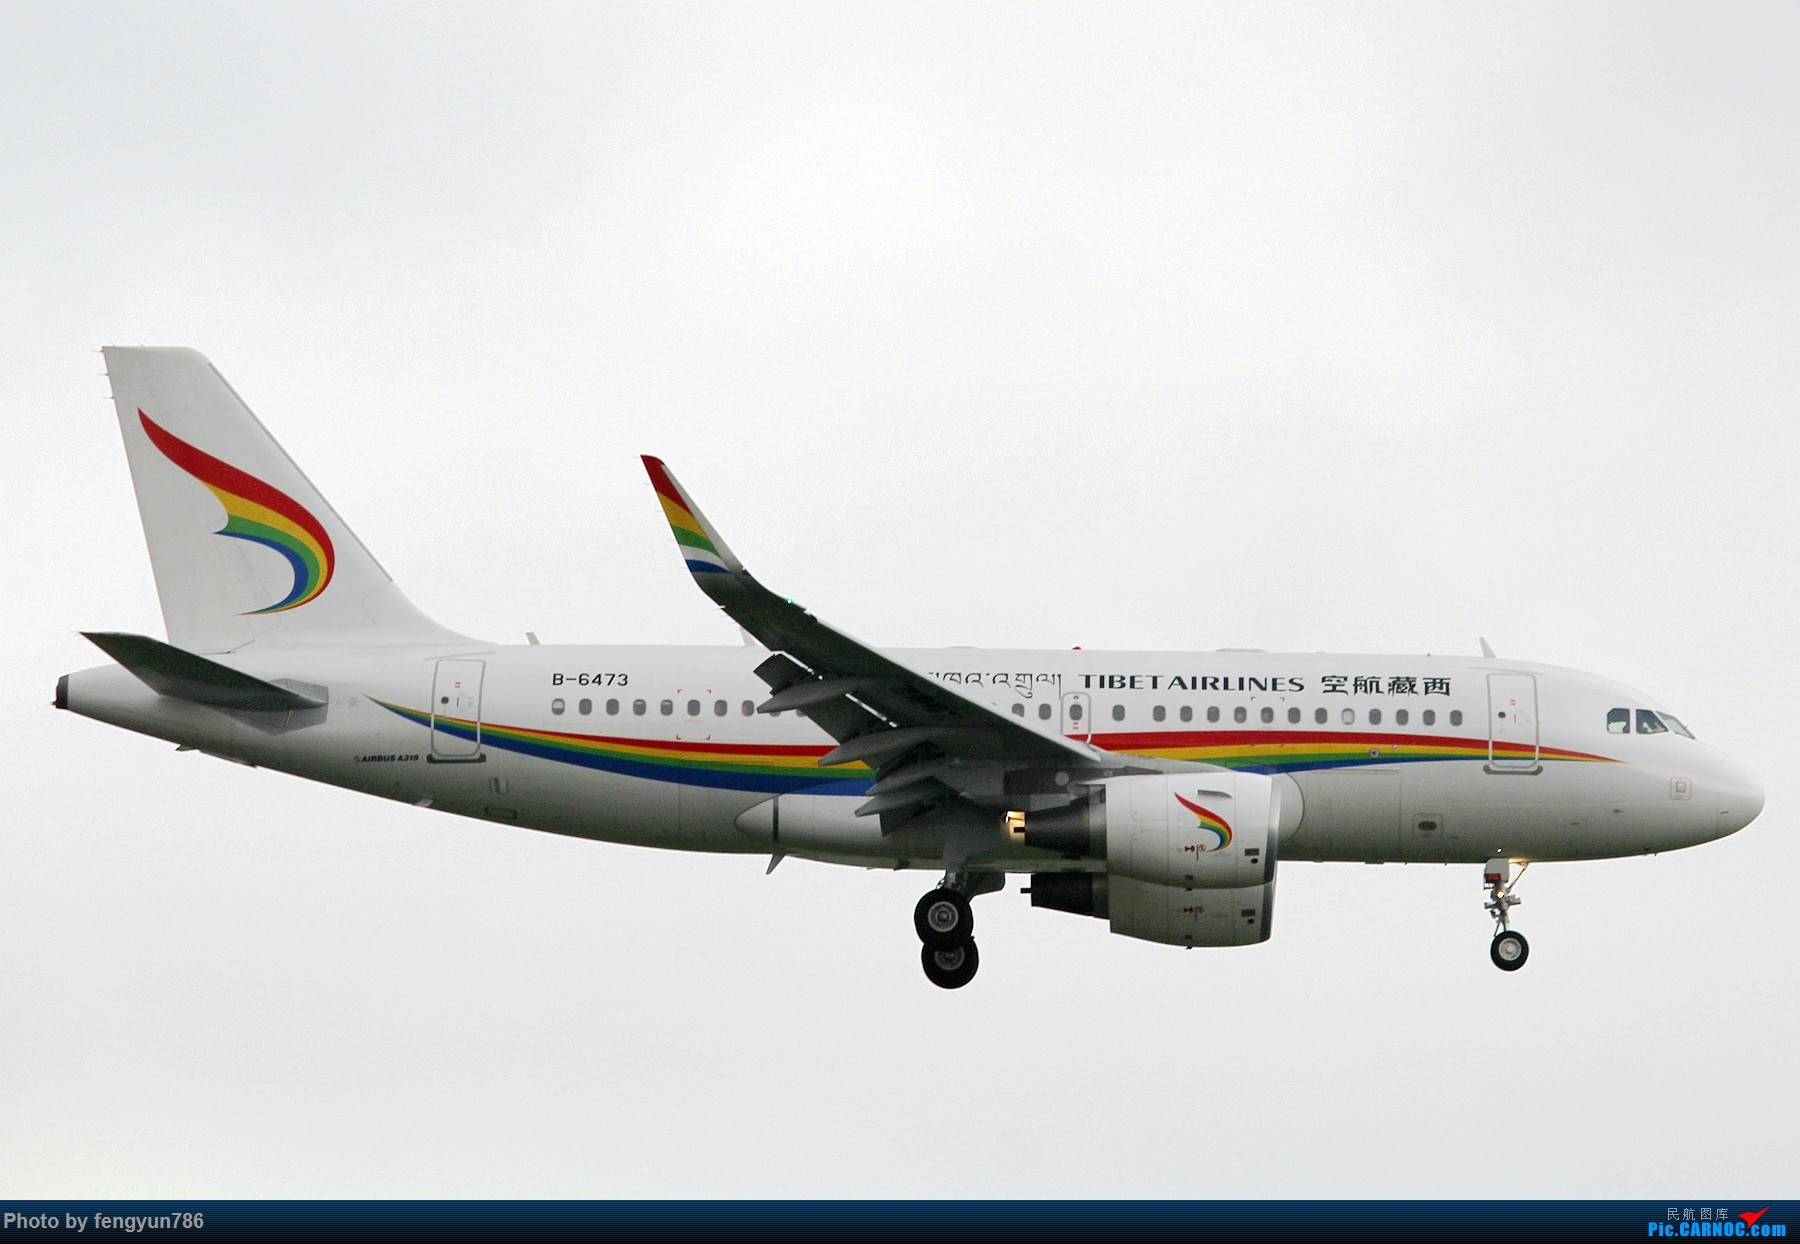 Re:[原创]新人首贴,6.18 SHA流水账 AIRBUS A319-100 B-6473 中国上海虹桥国际机场